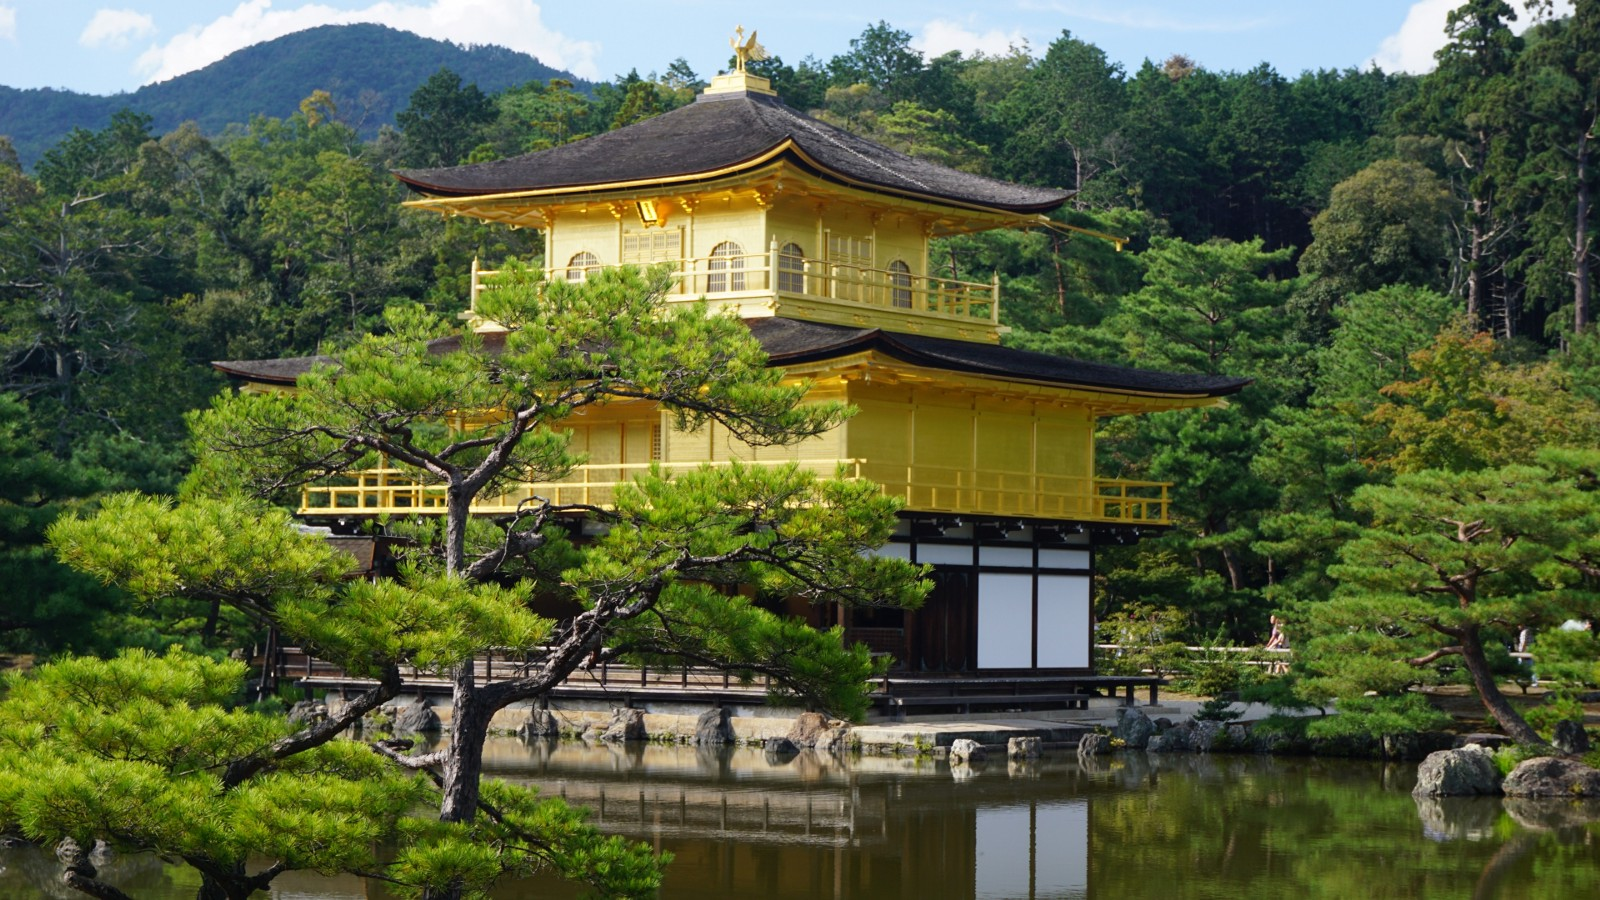 Kinkakuji Temple: Kyoto's Golden Pavilion